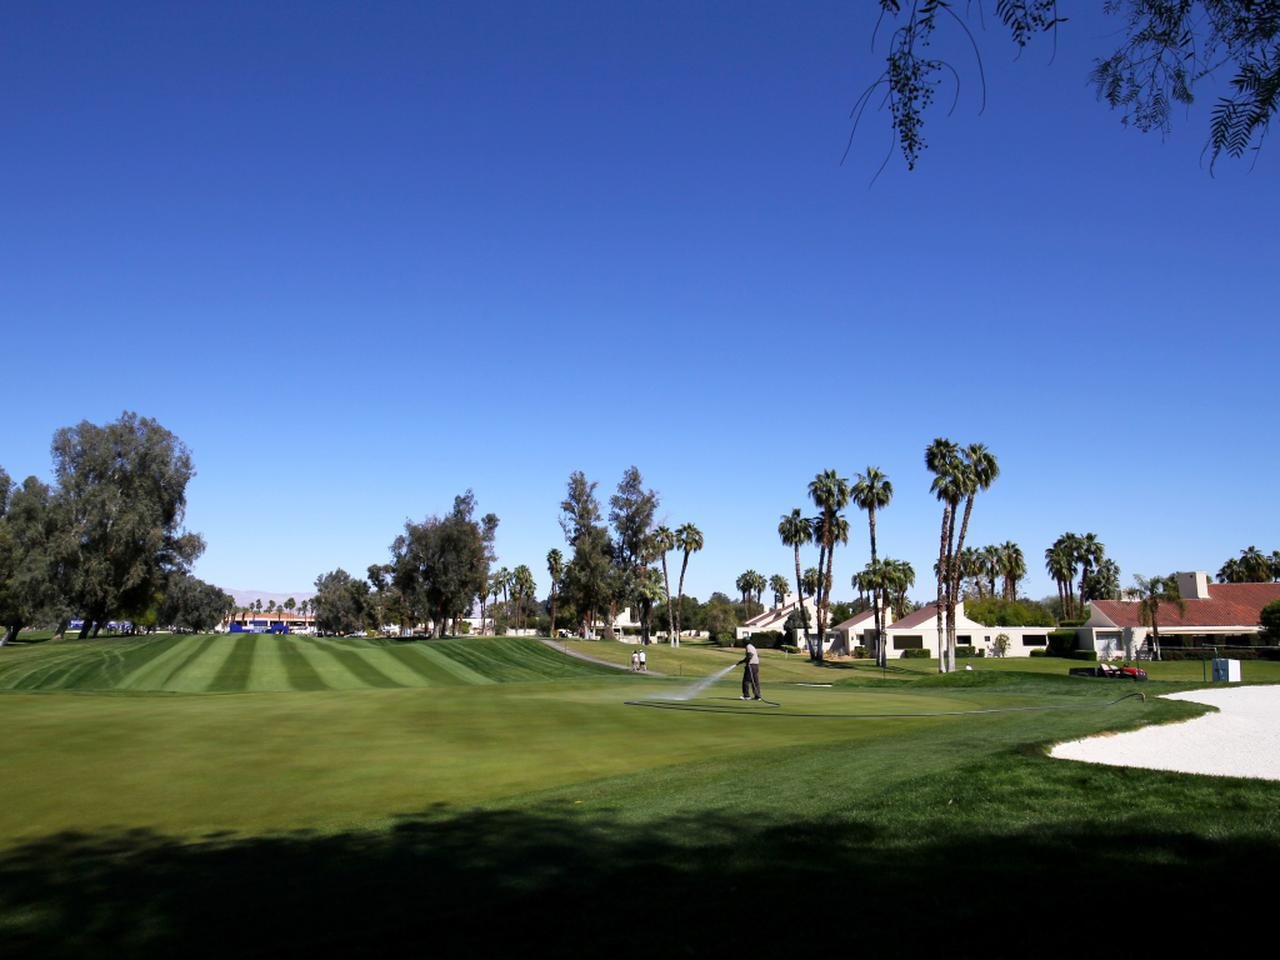 画像: ミュアヘッドの代表作 「ミッションヒルズCC ダイナショアC」LPGAメジャー第1戦ANAインスピレーションの会場。18番グリーンを囲む池「ポピーズポンド」はあまりにも有名